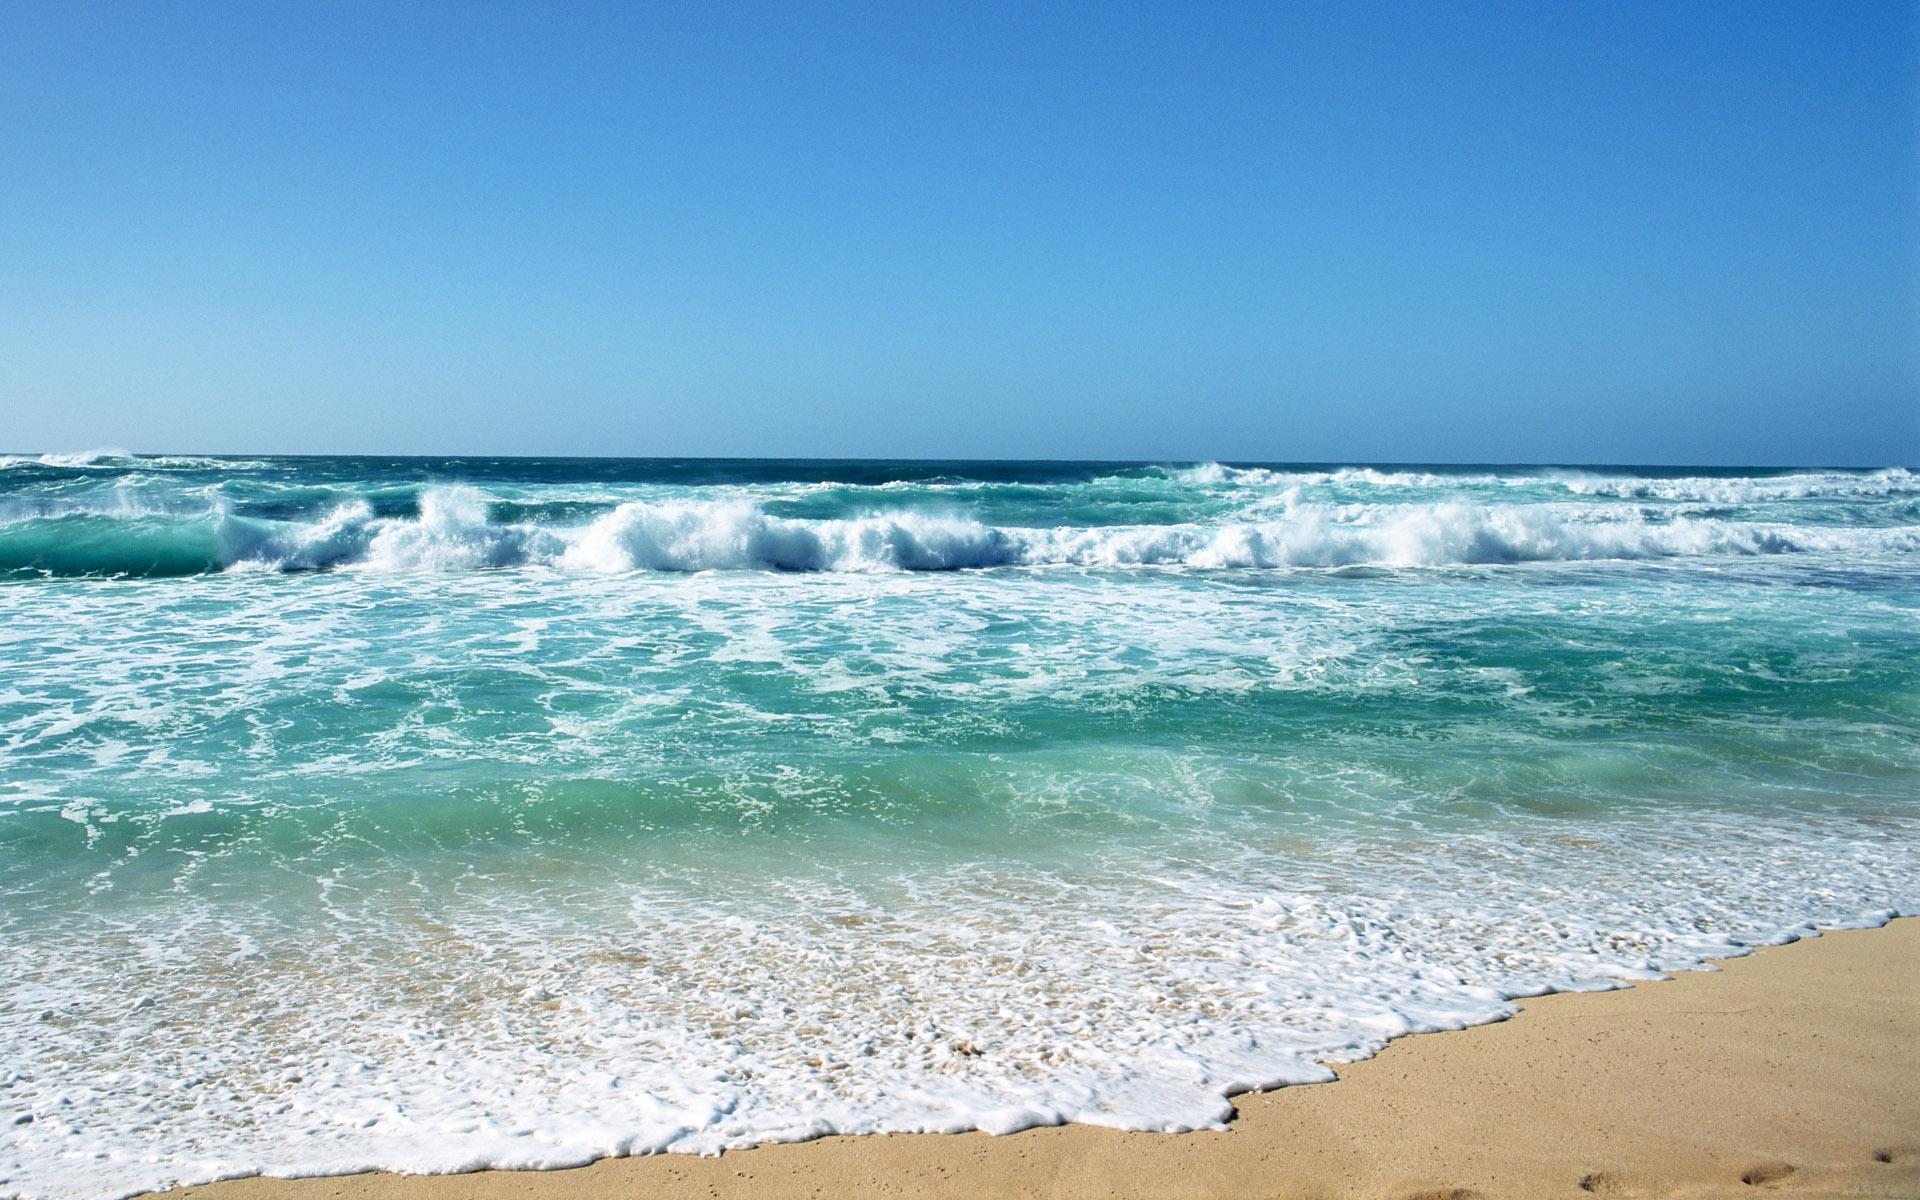 Beach Waves Wallpapers Hd N